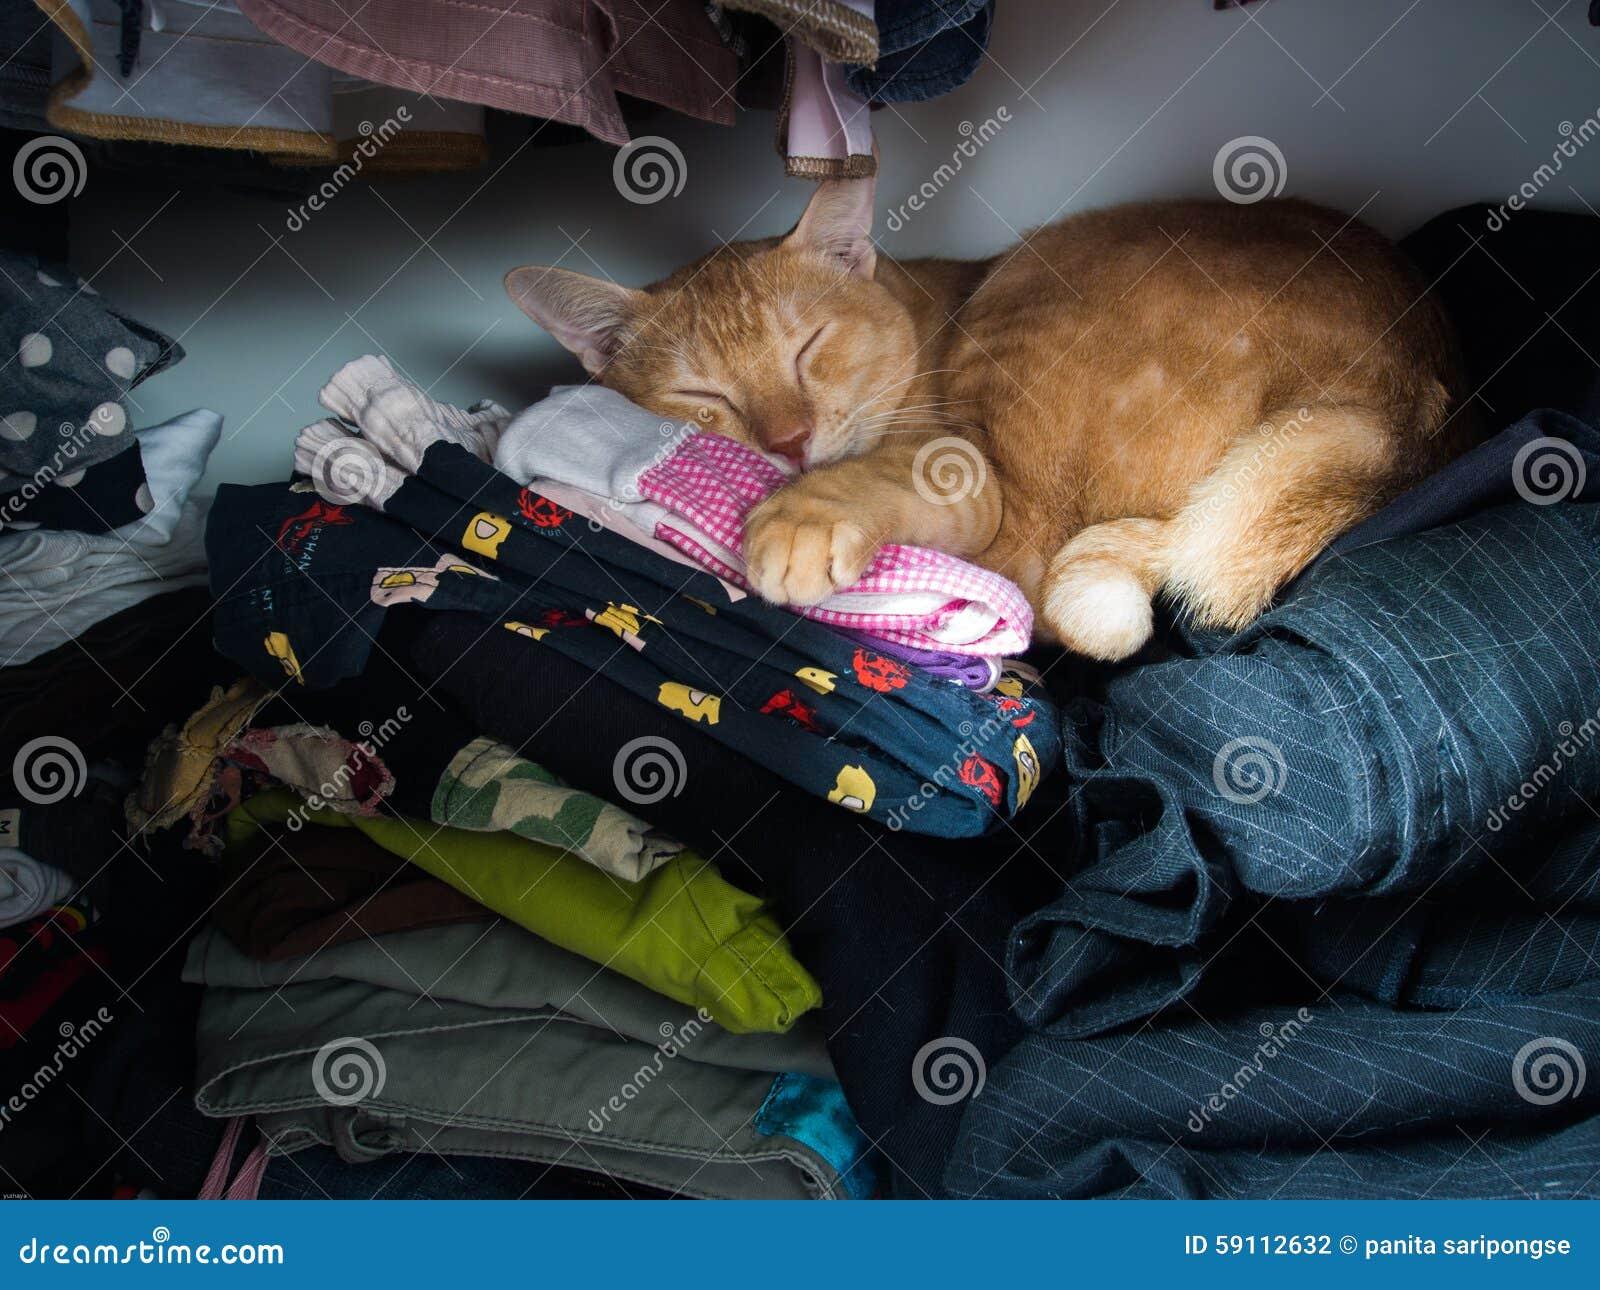 Katze in der garderobe stockfoto bild 59112632 for Garderobe versteckt